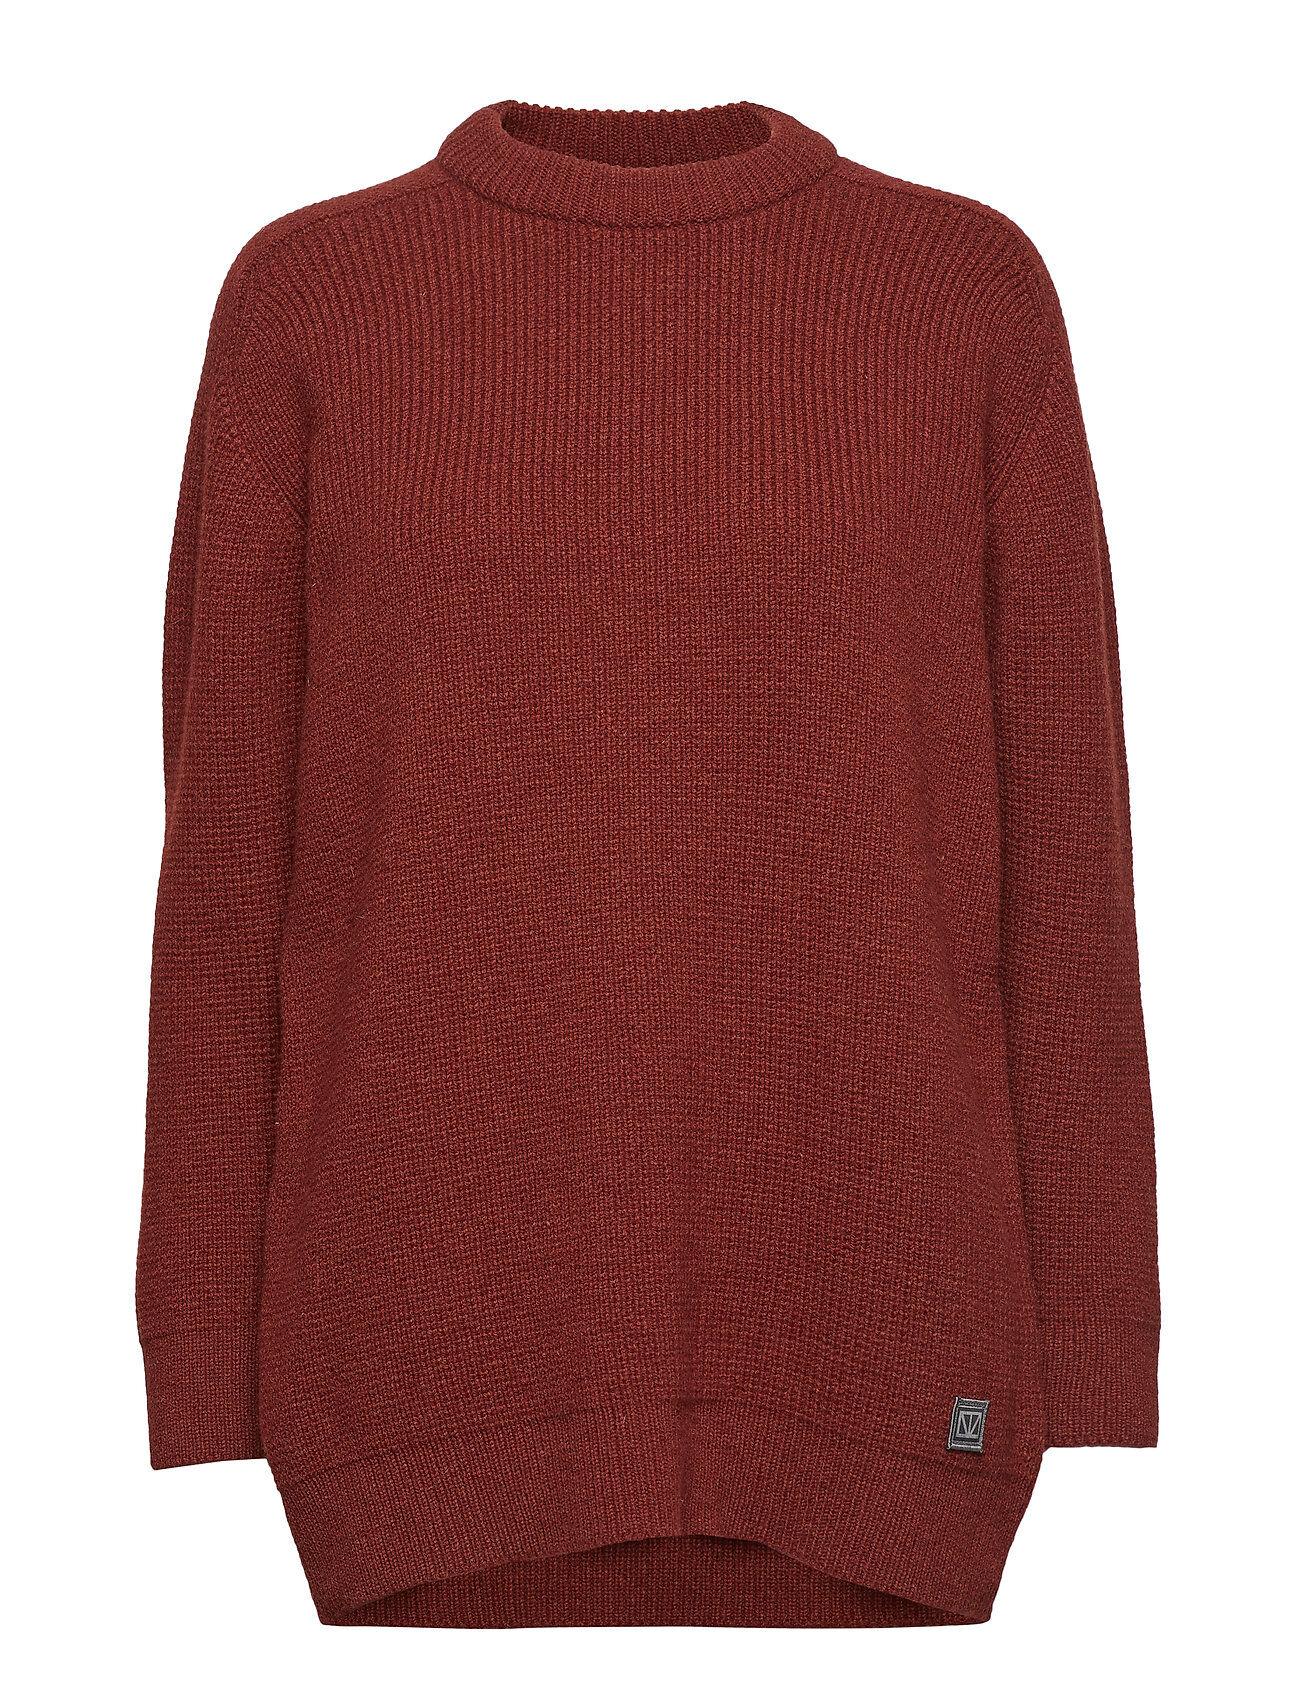 Brixtol Textiles Dorset